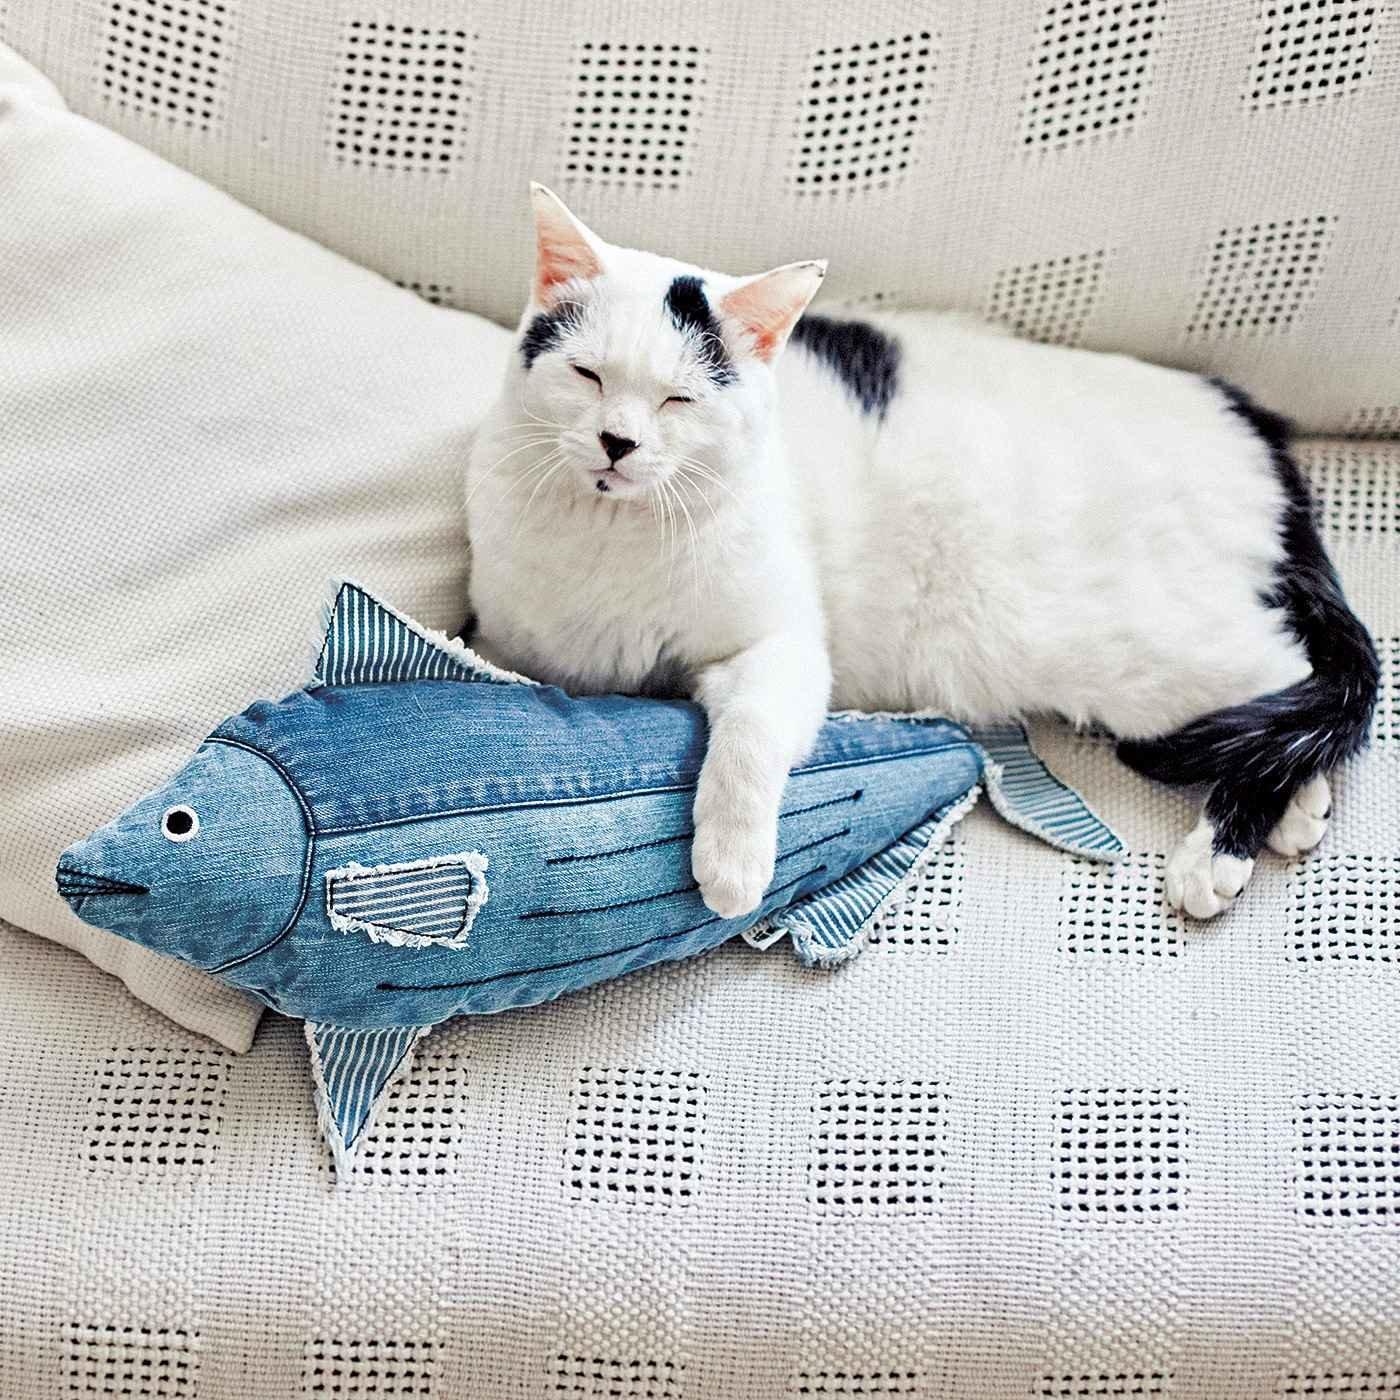 USEDo×猫部 にゃんとびっくり!本格デニム工場で作ったデニムのカツオ